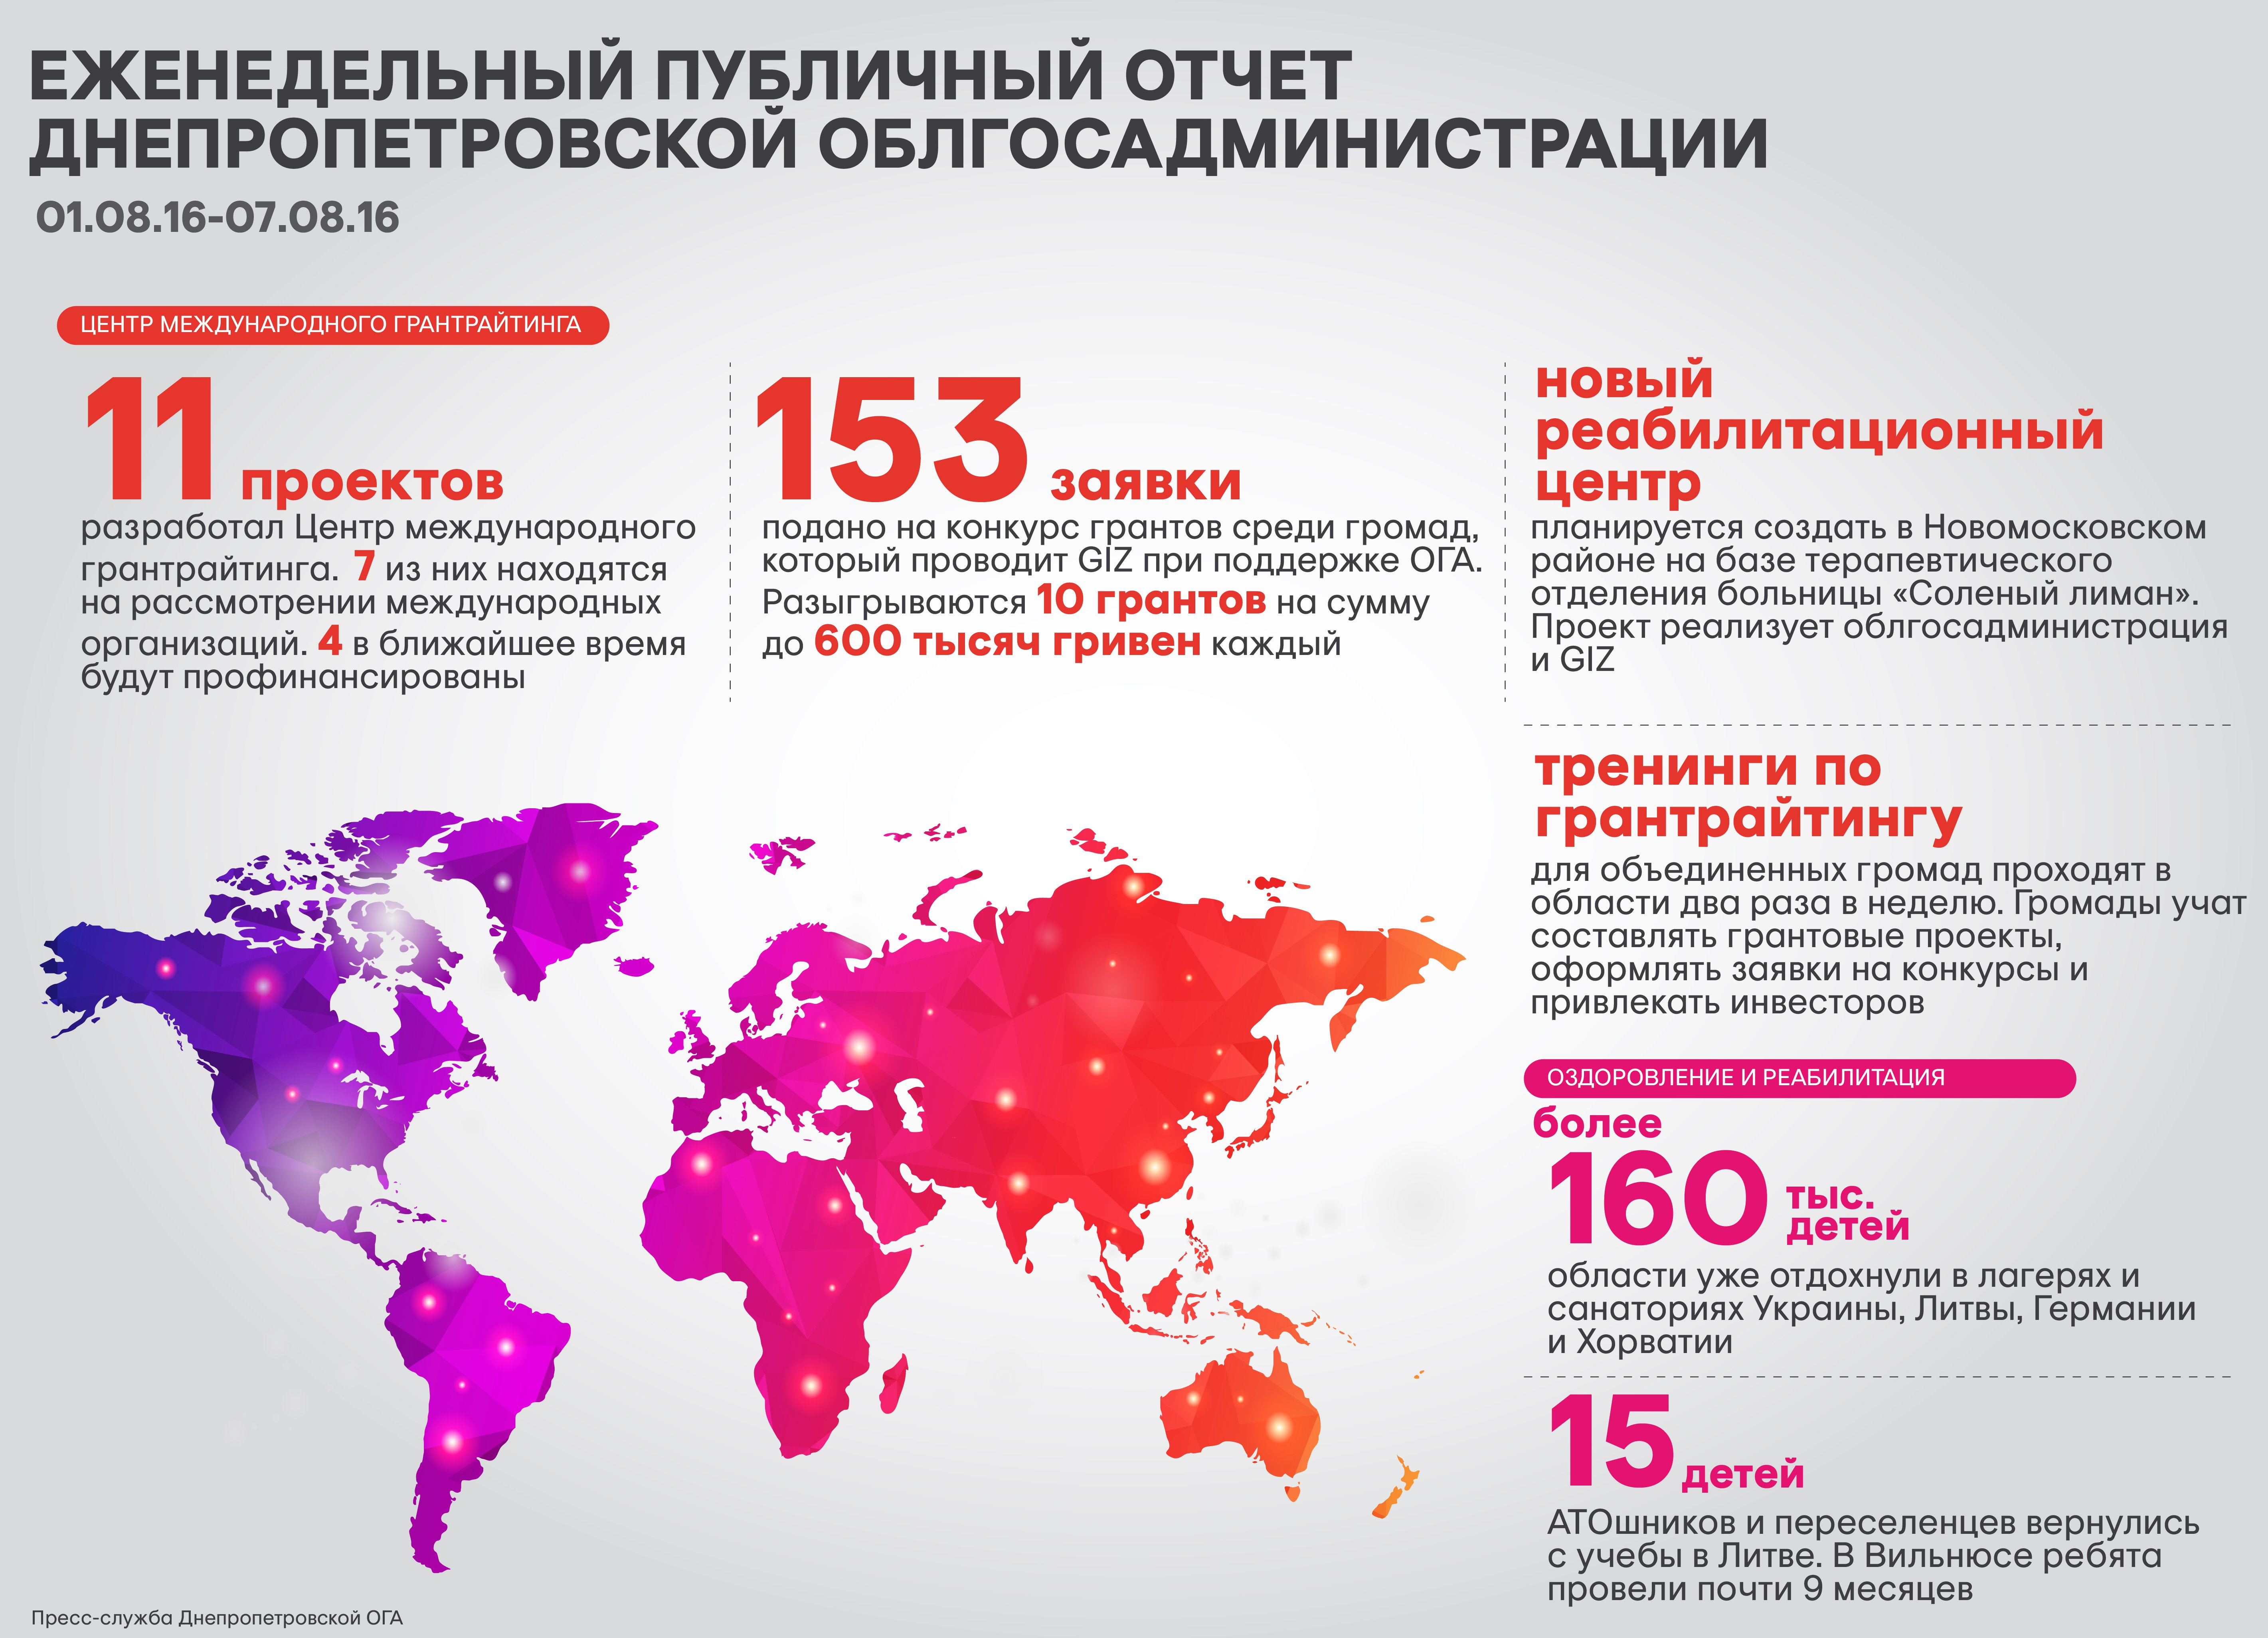 недельный отчет 08.08.16_рус-01